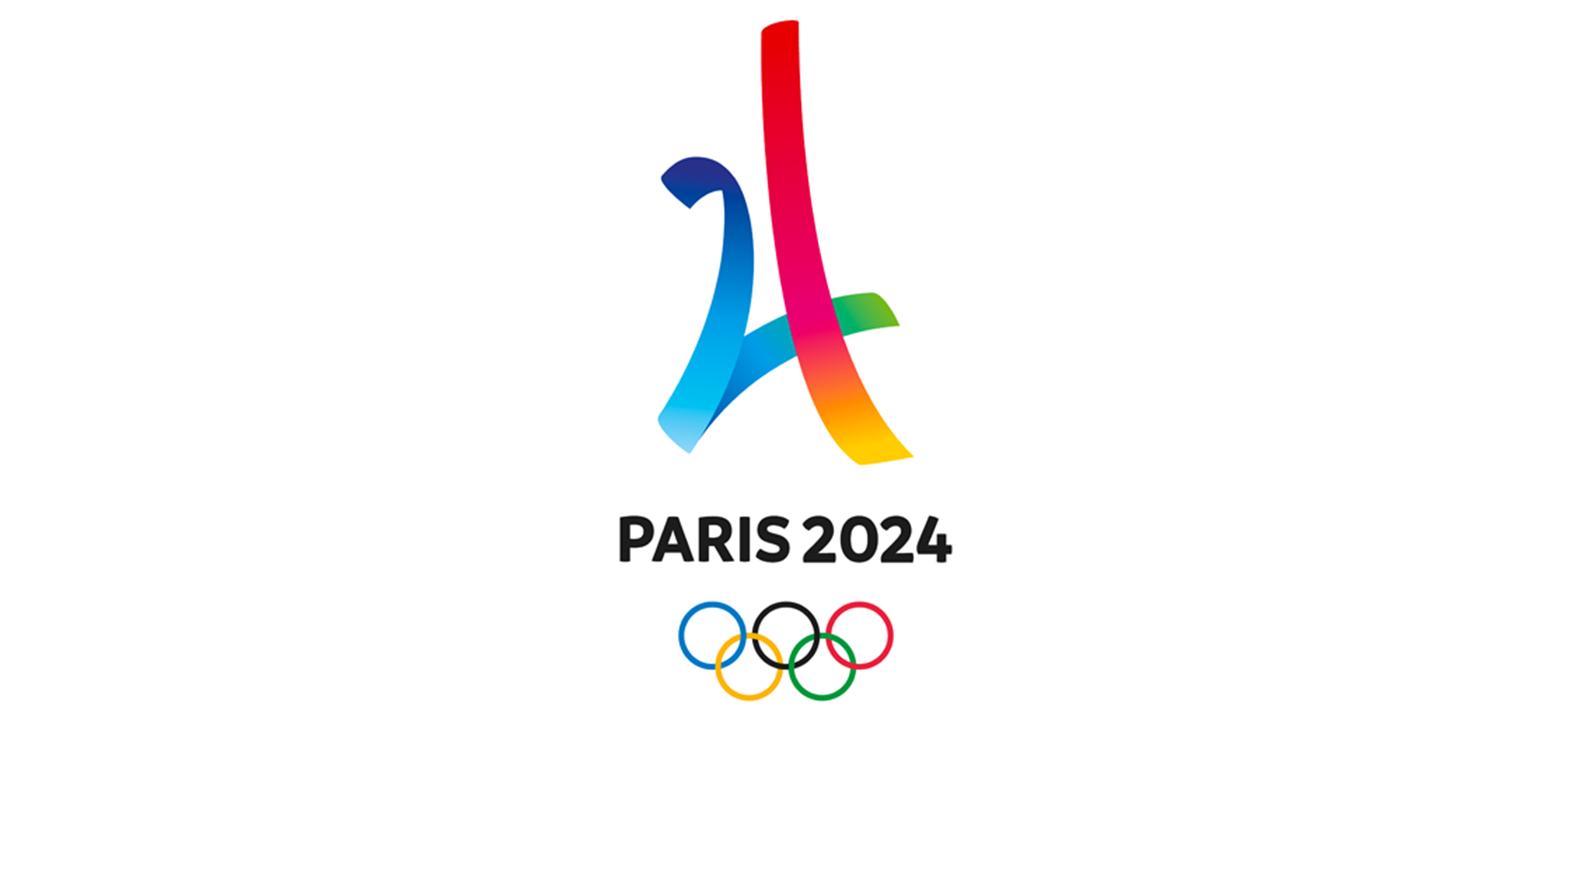 Párizs 2024 - A magyar vitorlázók számára kedvezőtlen döntések születtek